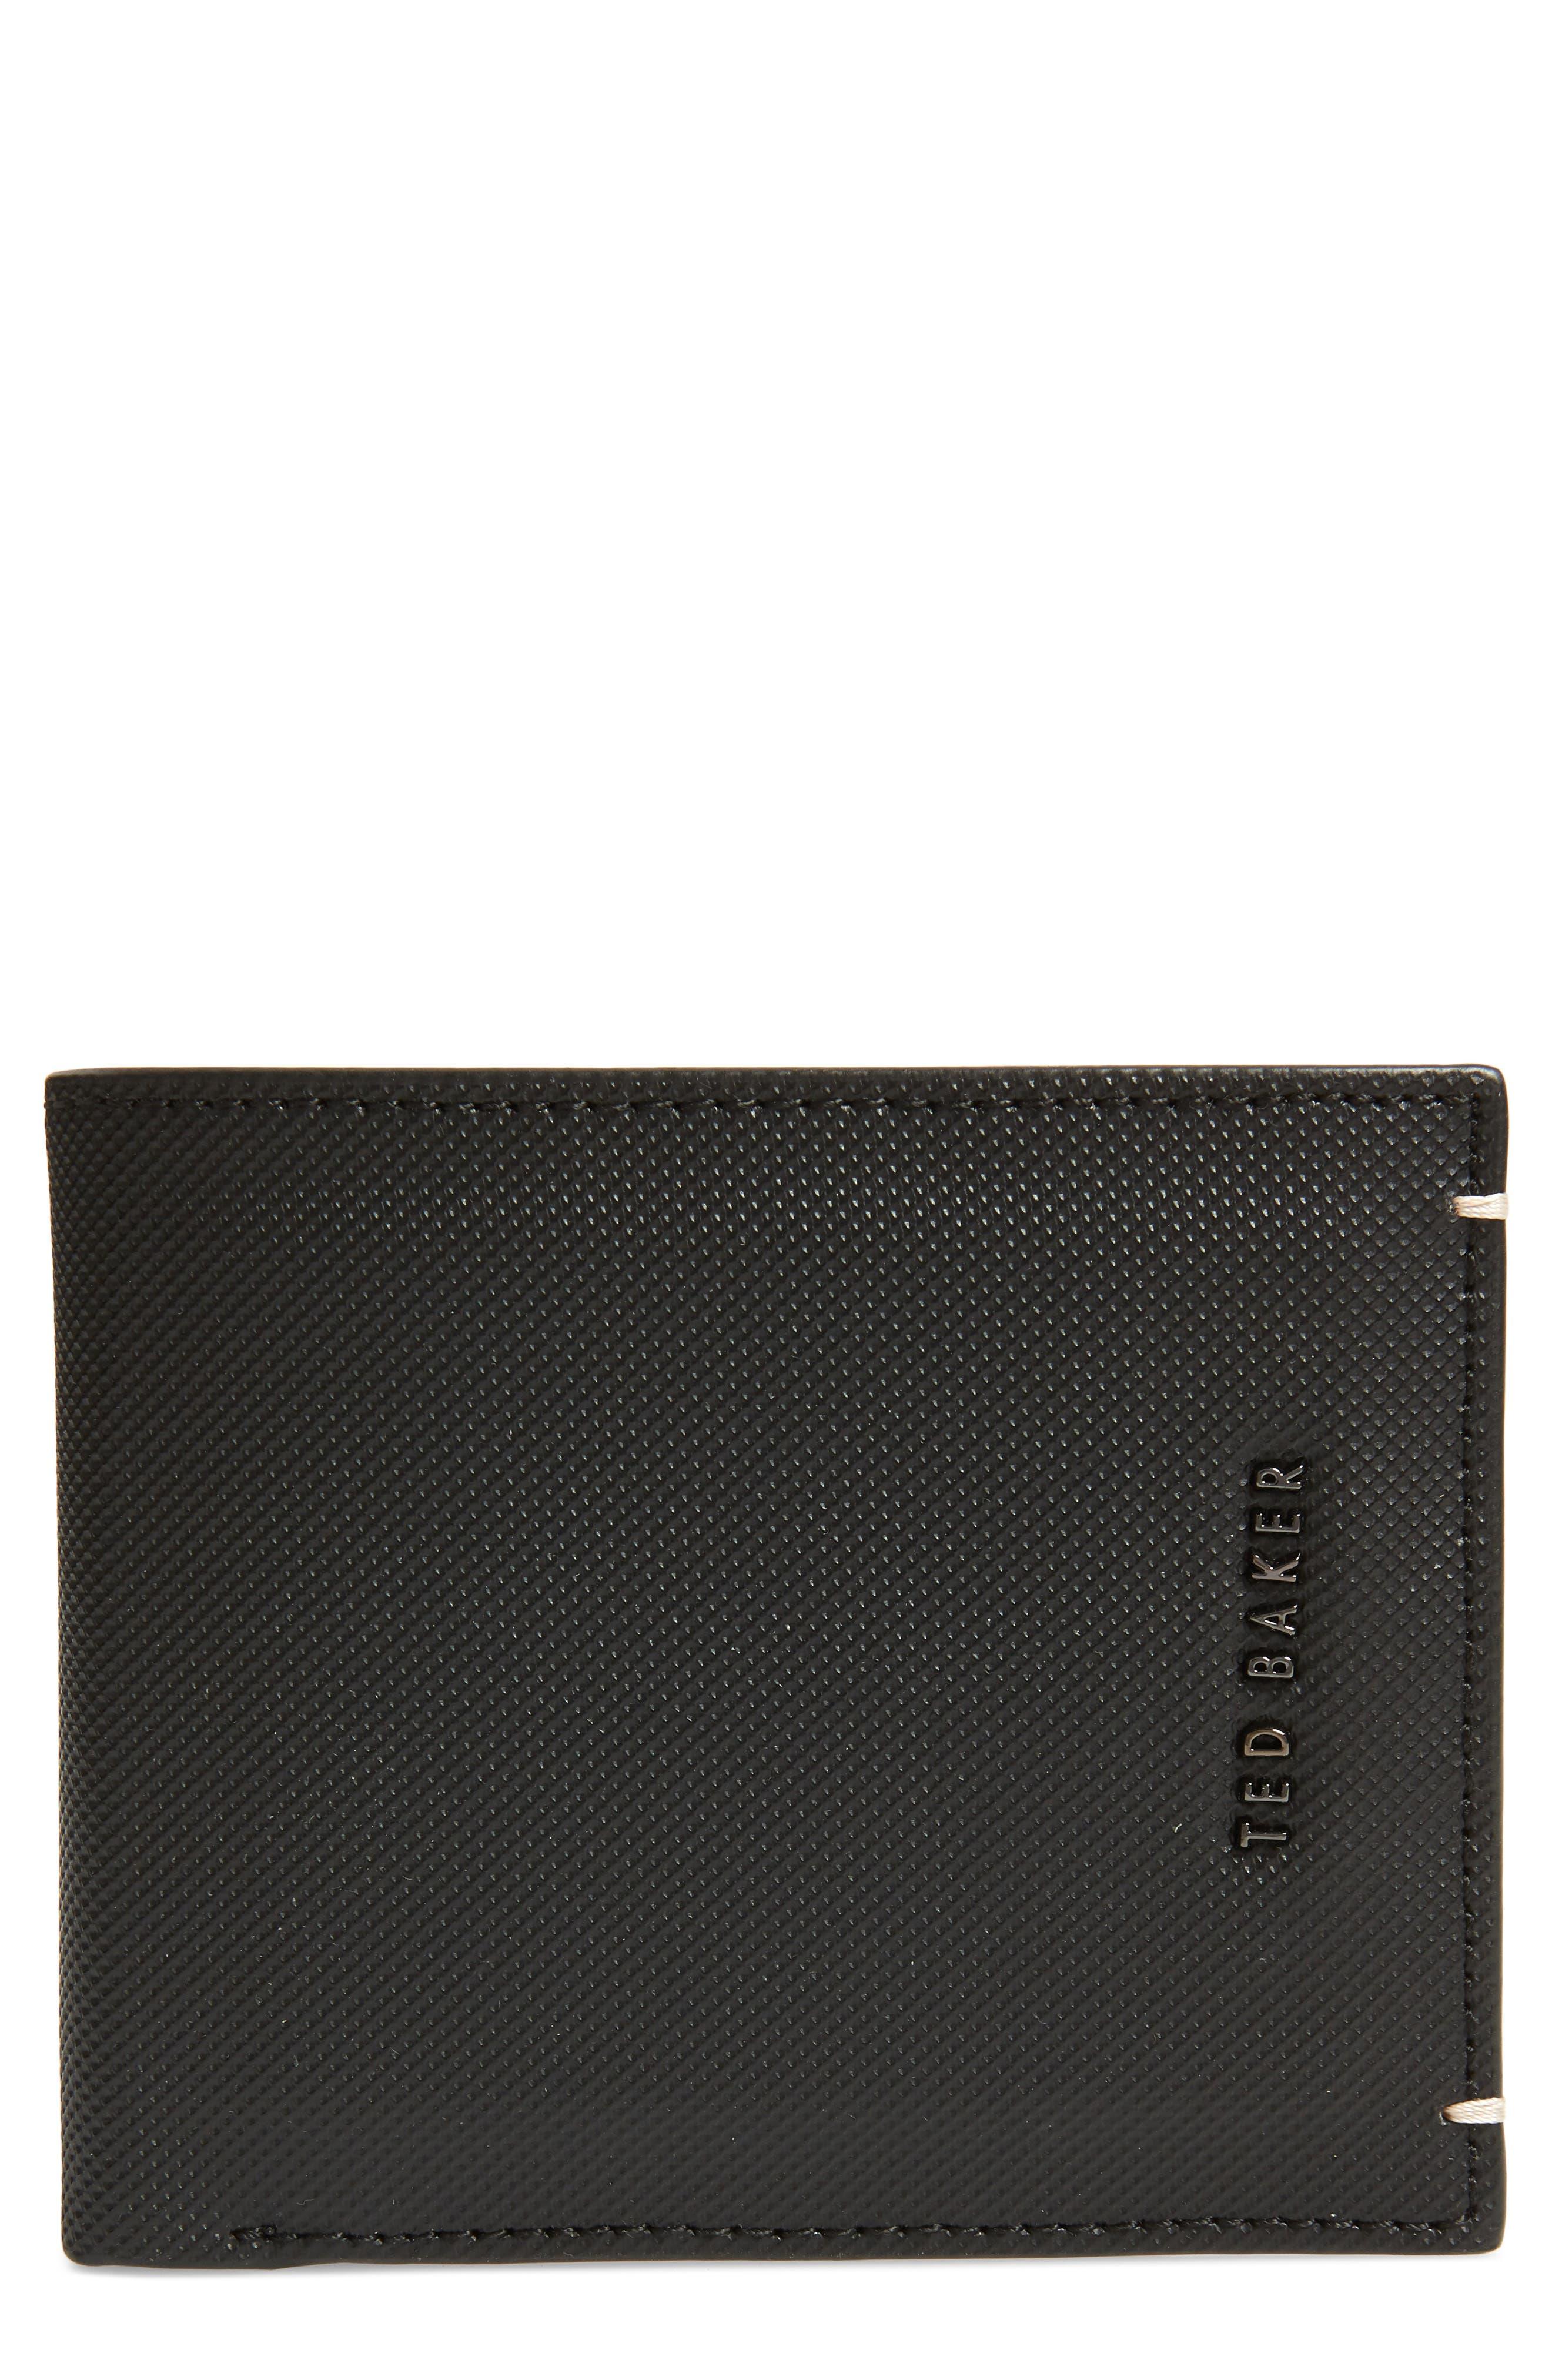 Stormz Leather Wallet,                         Main,                         color, BLACK